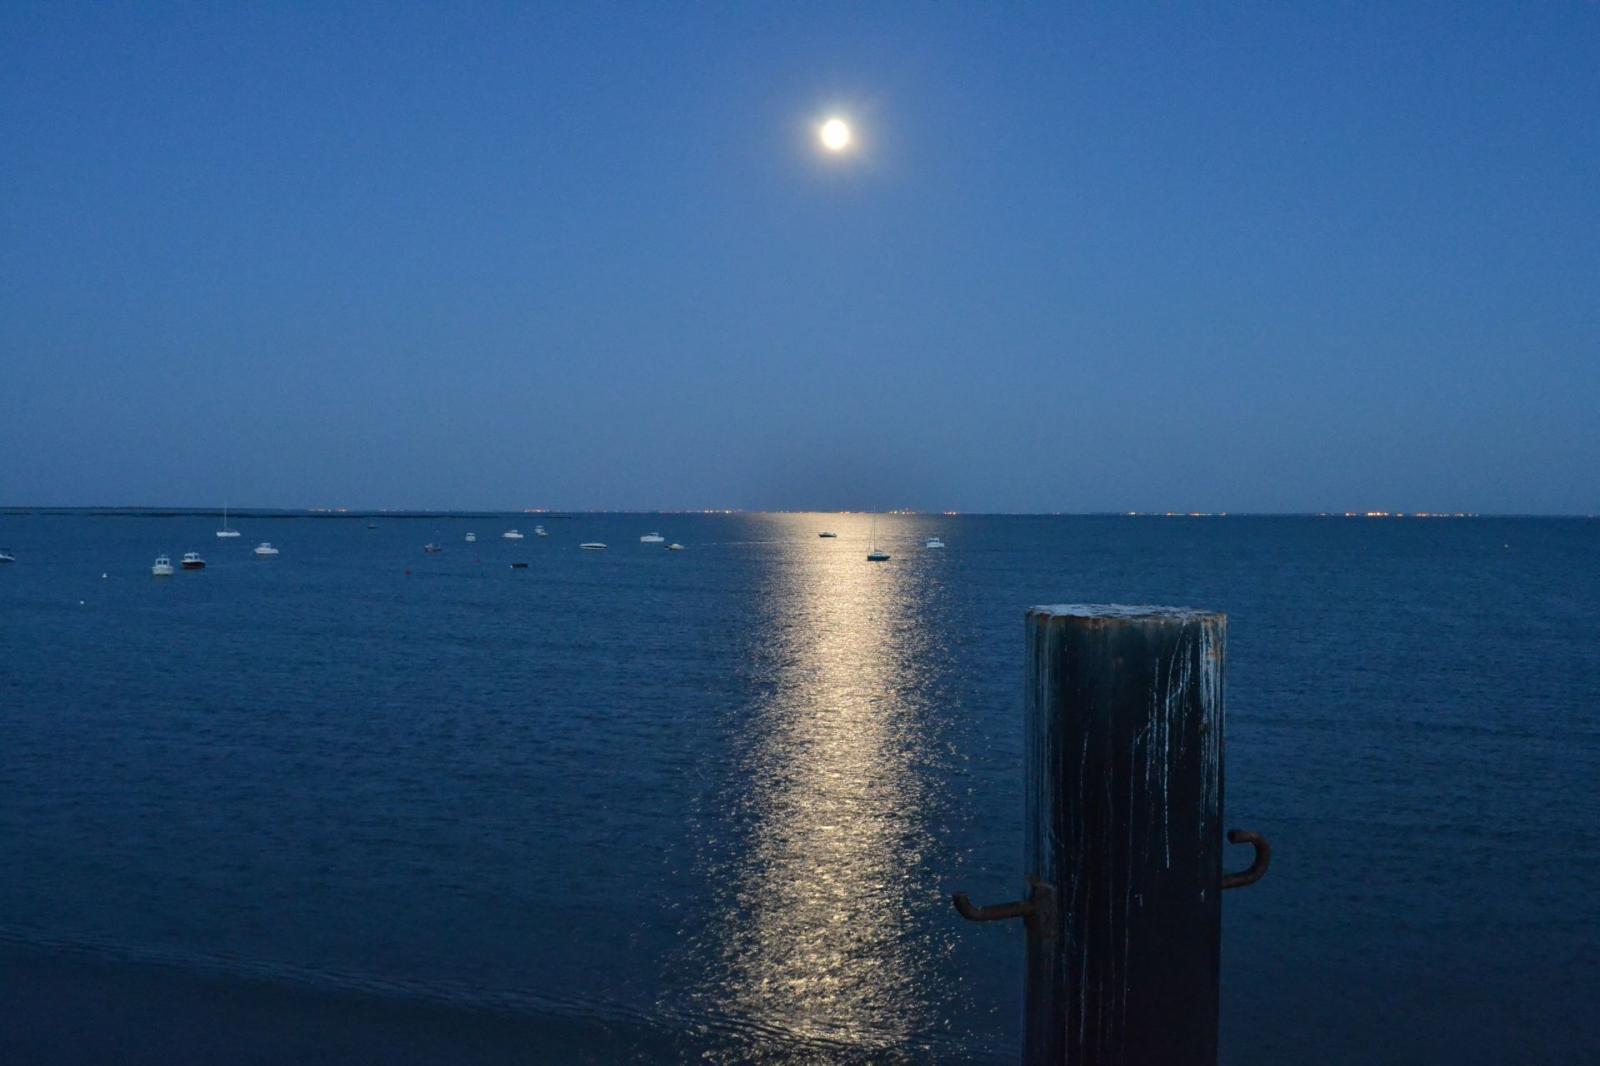 le ponton la nuit